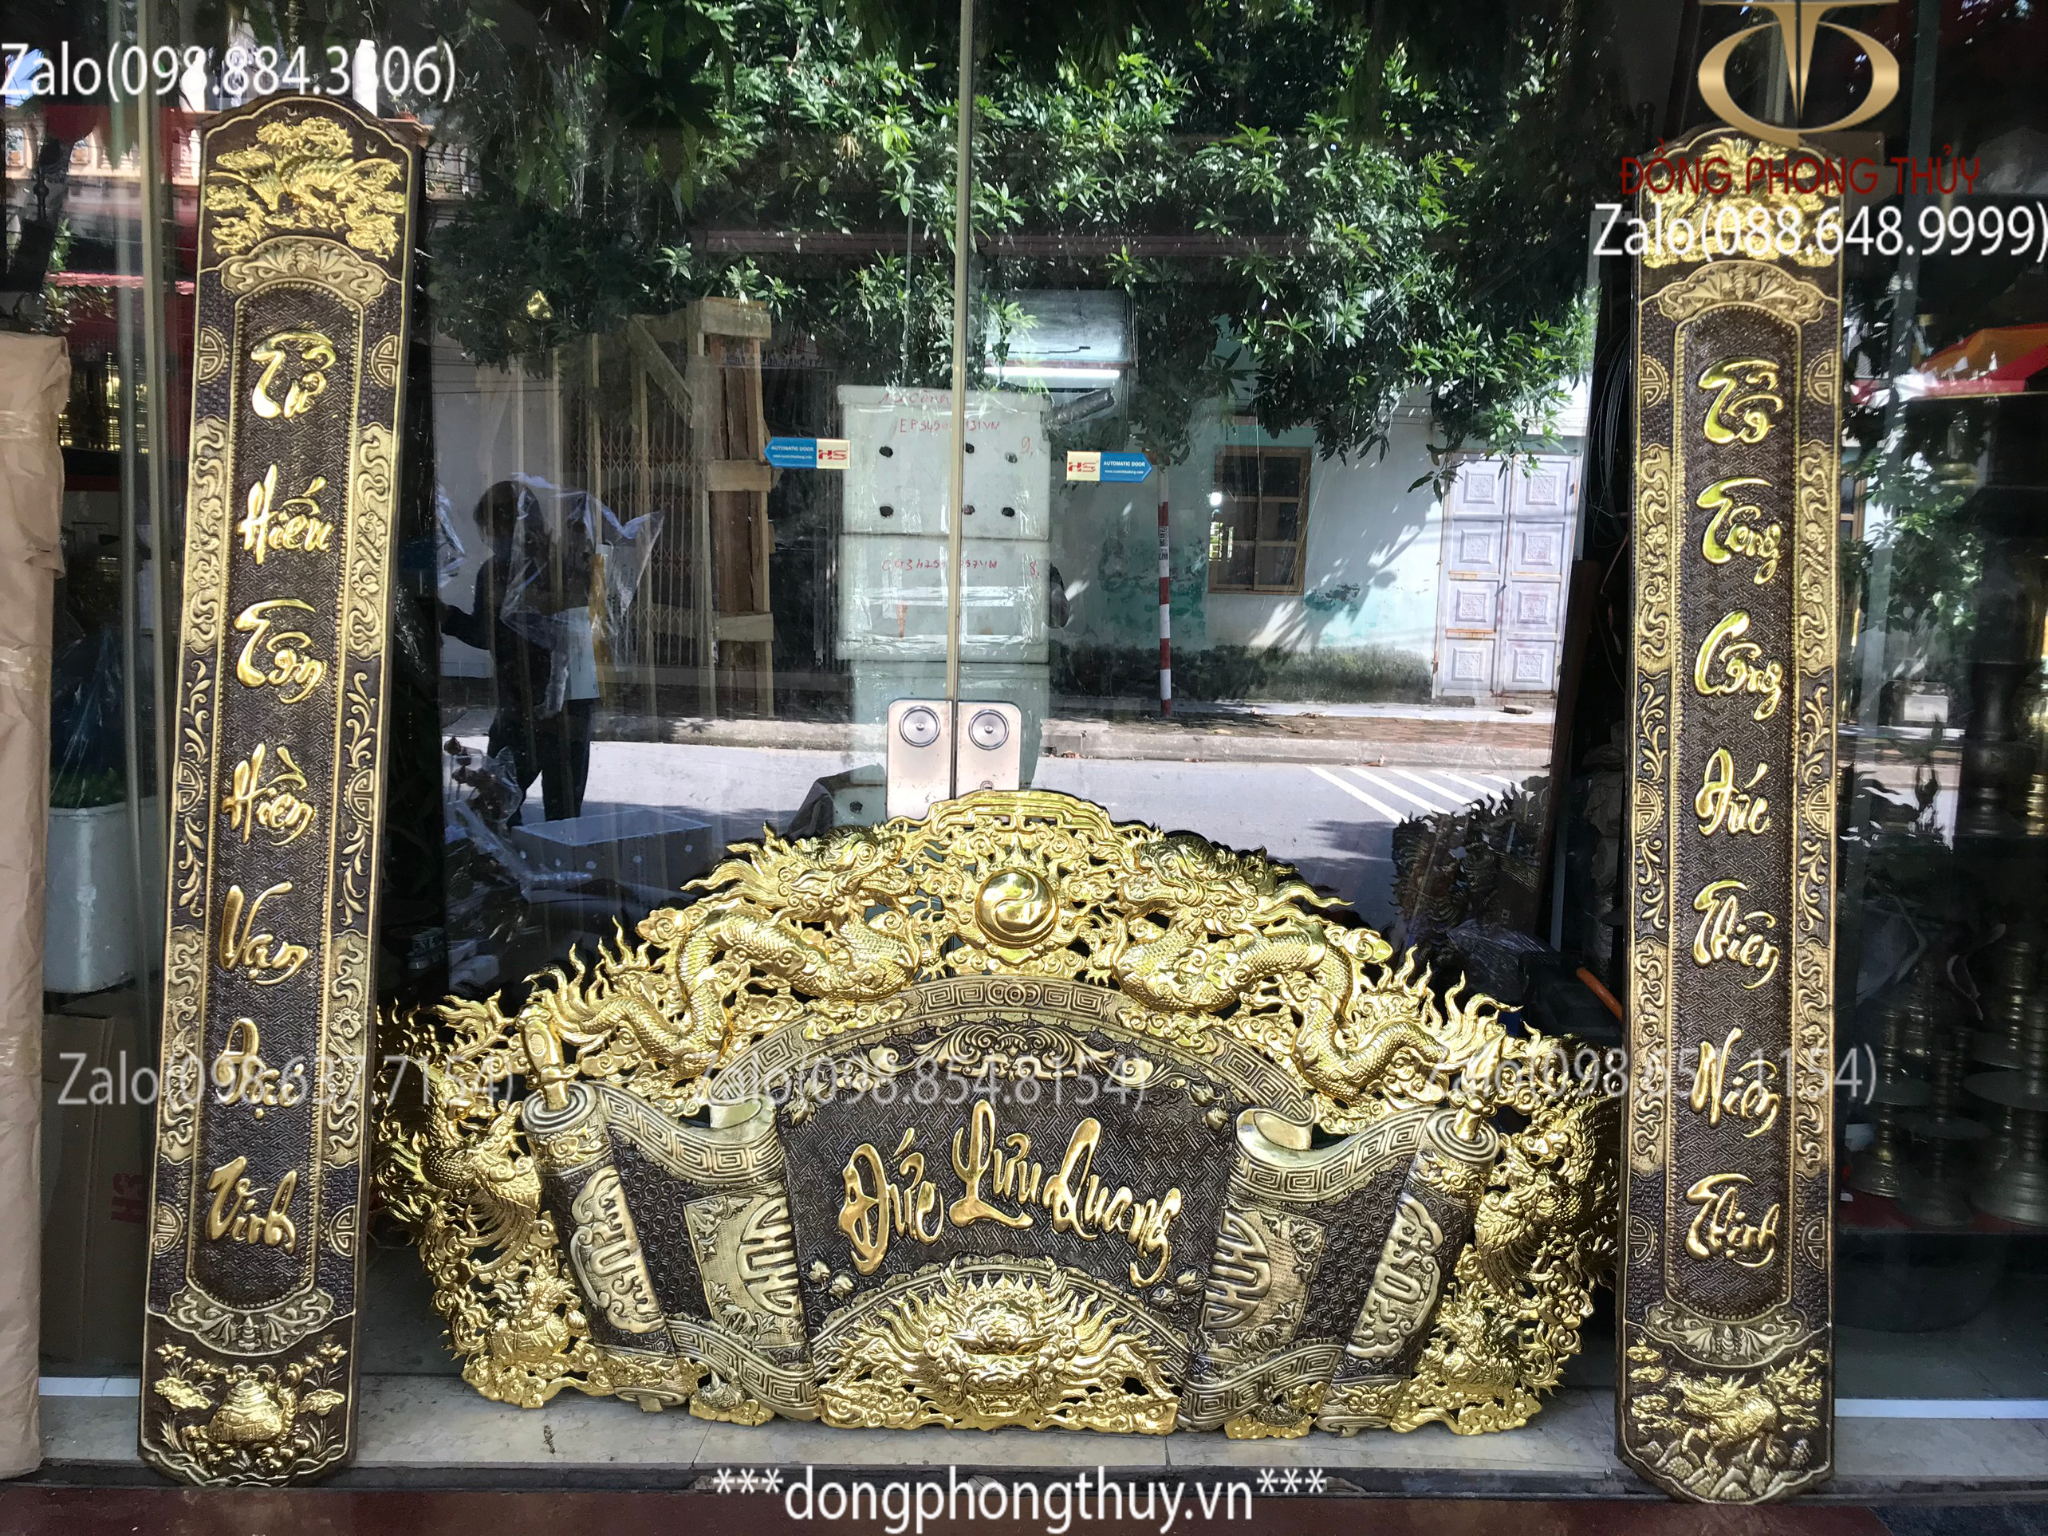 Bộ cuốn thư câu đối 1m76 dát vàng bạc chữ Việt hàng đẹp